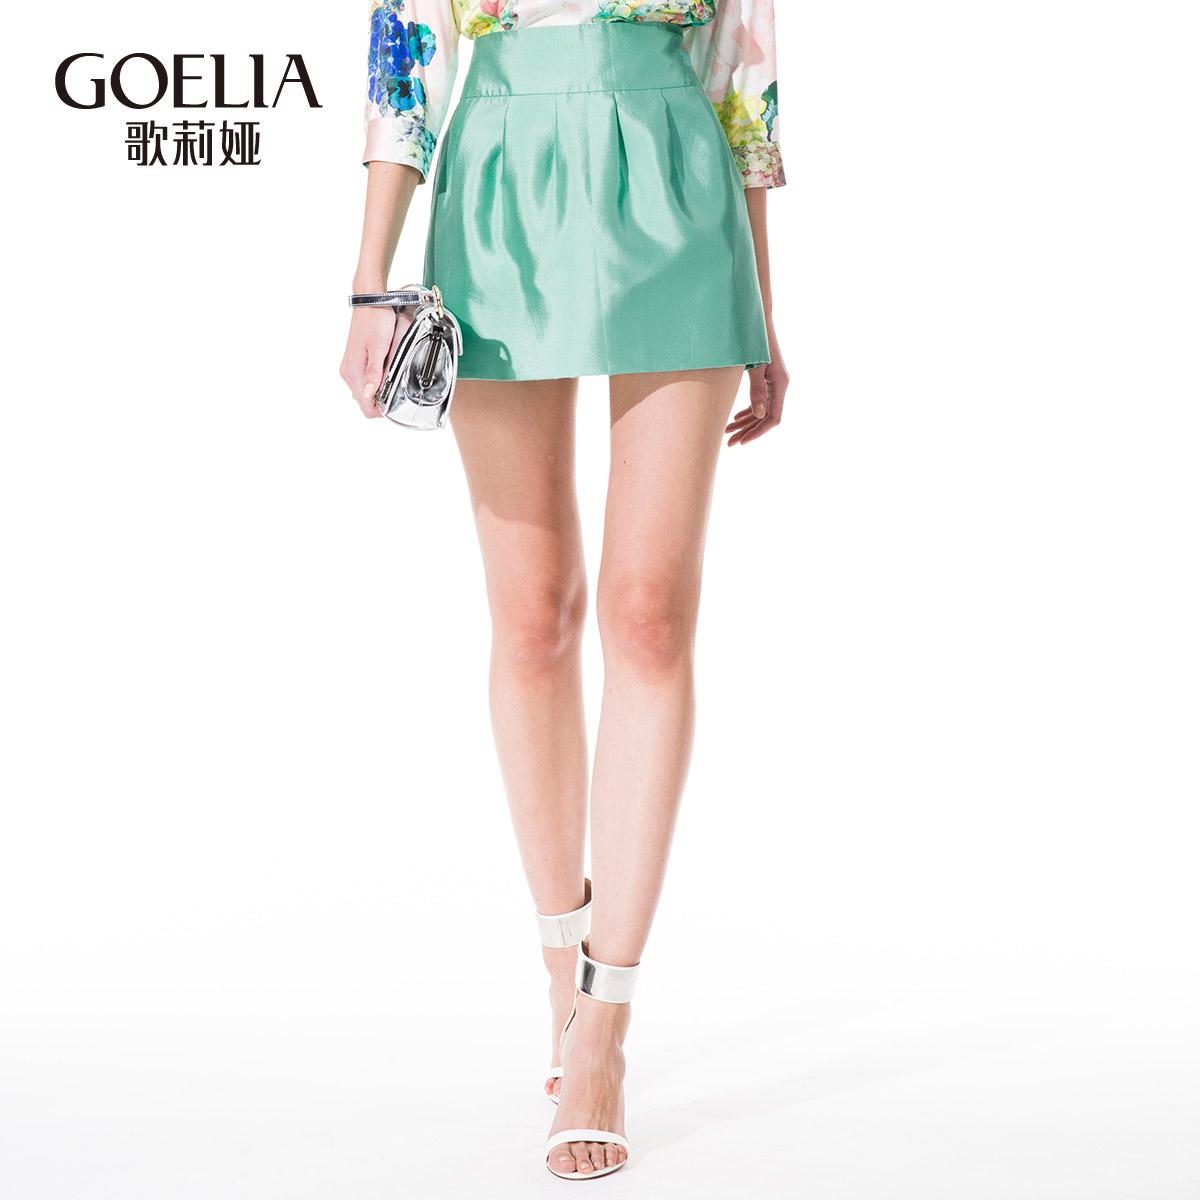 歌莉娅女装 GLORIA歌莉娅女装 花苞型桑蚕丝半身裙短裙152H2A210_推荐淘宝好看的歌莉娅